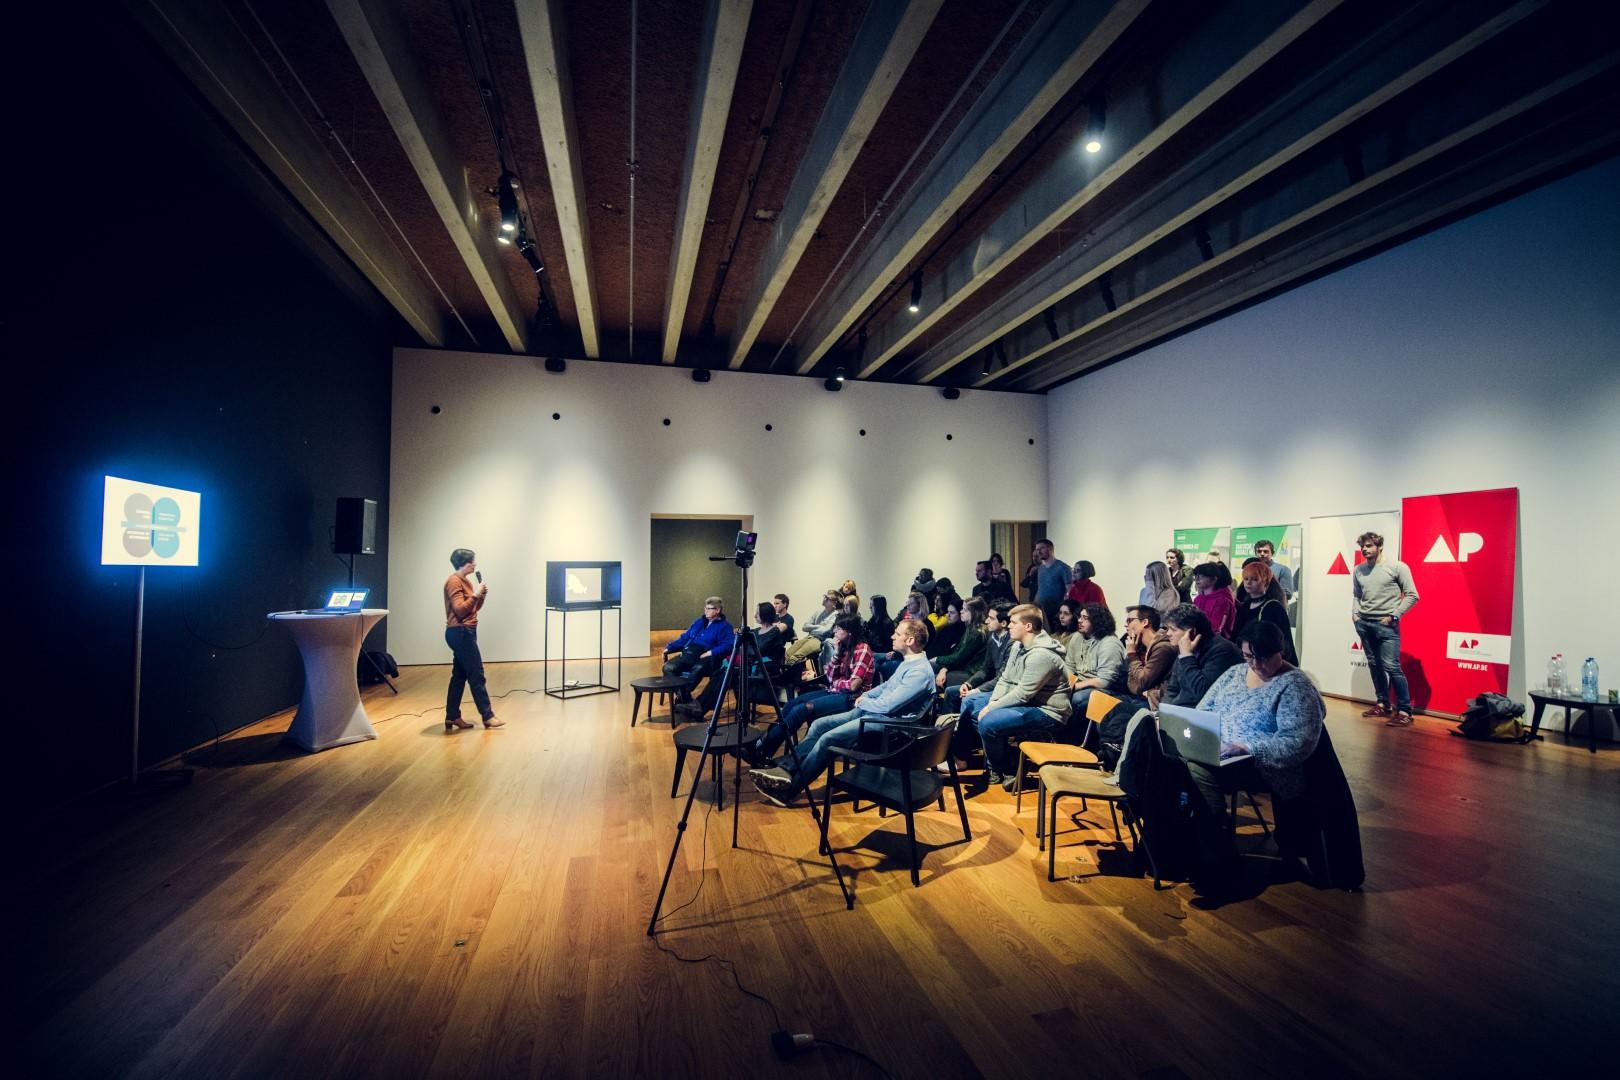 Zittend publiek luistert naar spreker vooraan in de zaal